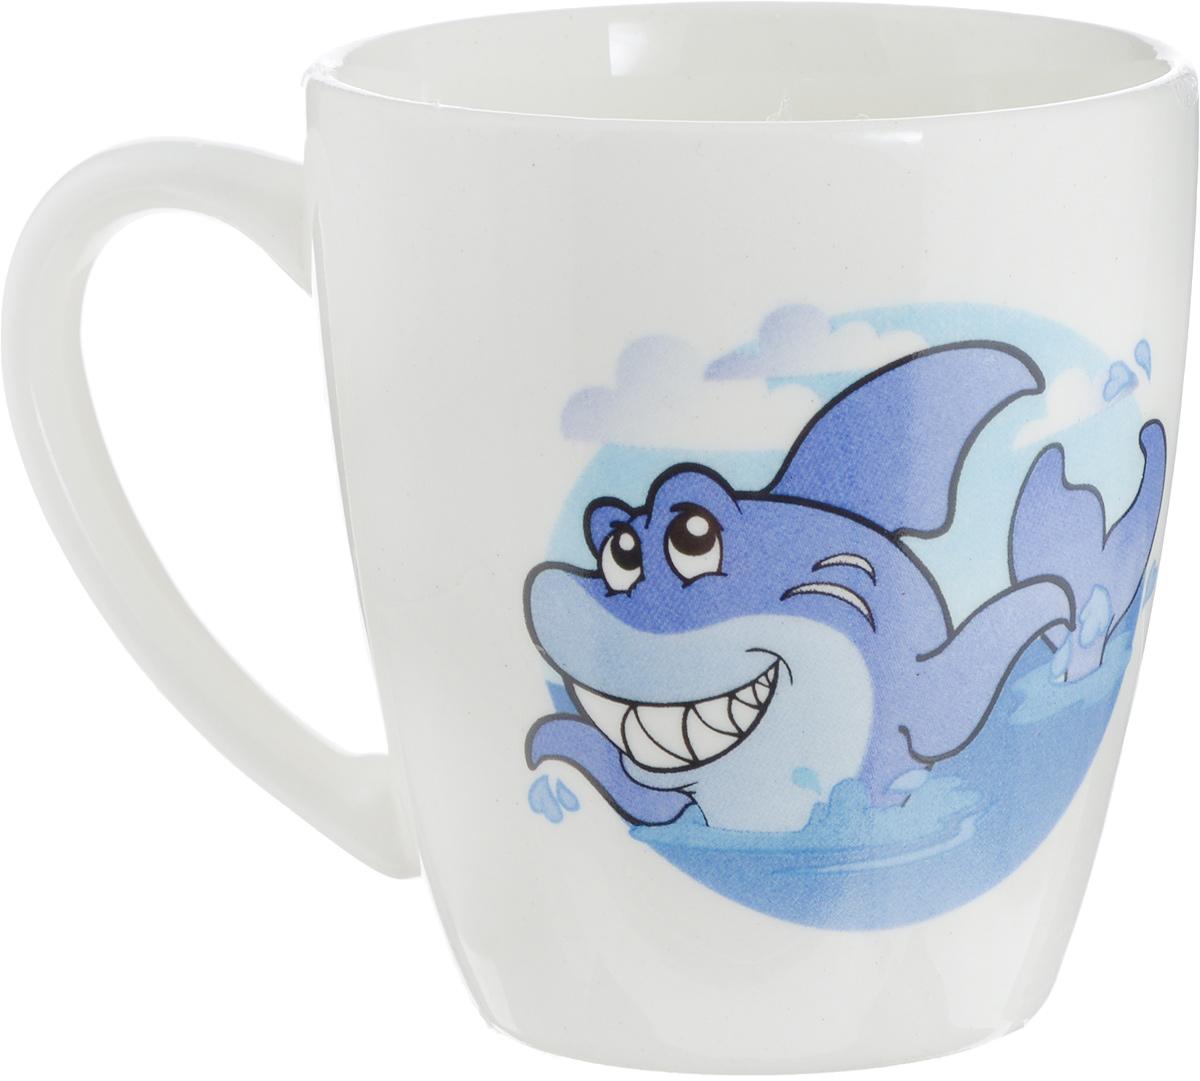 """Фаянсовая детская кружка Кубаньфарфор """"Морской мир: Акула"""" с забавным  рисунком понравится каждому  малышу. Изделие из  качественного материала станет правильным выбором для повседневной  эксплуатации и поможет превратить каждый  прием пищи в радостное  приключение.Кружка легко моется, не впитывает запахи, а рисунок имеет  насыщенный цвет. Благодаря  безопасному материалу, кружка  подойдет для любых напитков. Объем кружки - 220 мл. Кружа дополнена удобной ручкой, а ее небольшие  размеры и  вес позволят малышу без труда держать кружку самостоятельно.  Оригинальная детская кружка непременно порадует ребенка и станет  отличным подарком для маленького  мореплавателя."""